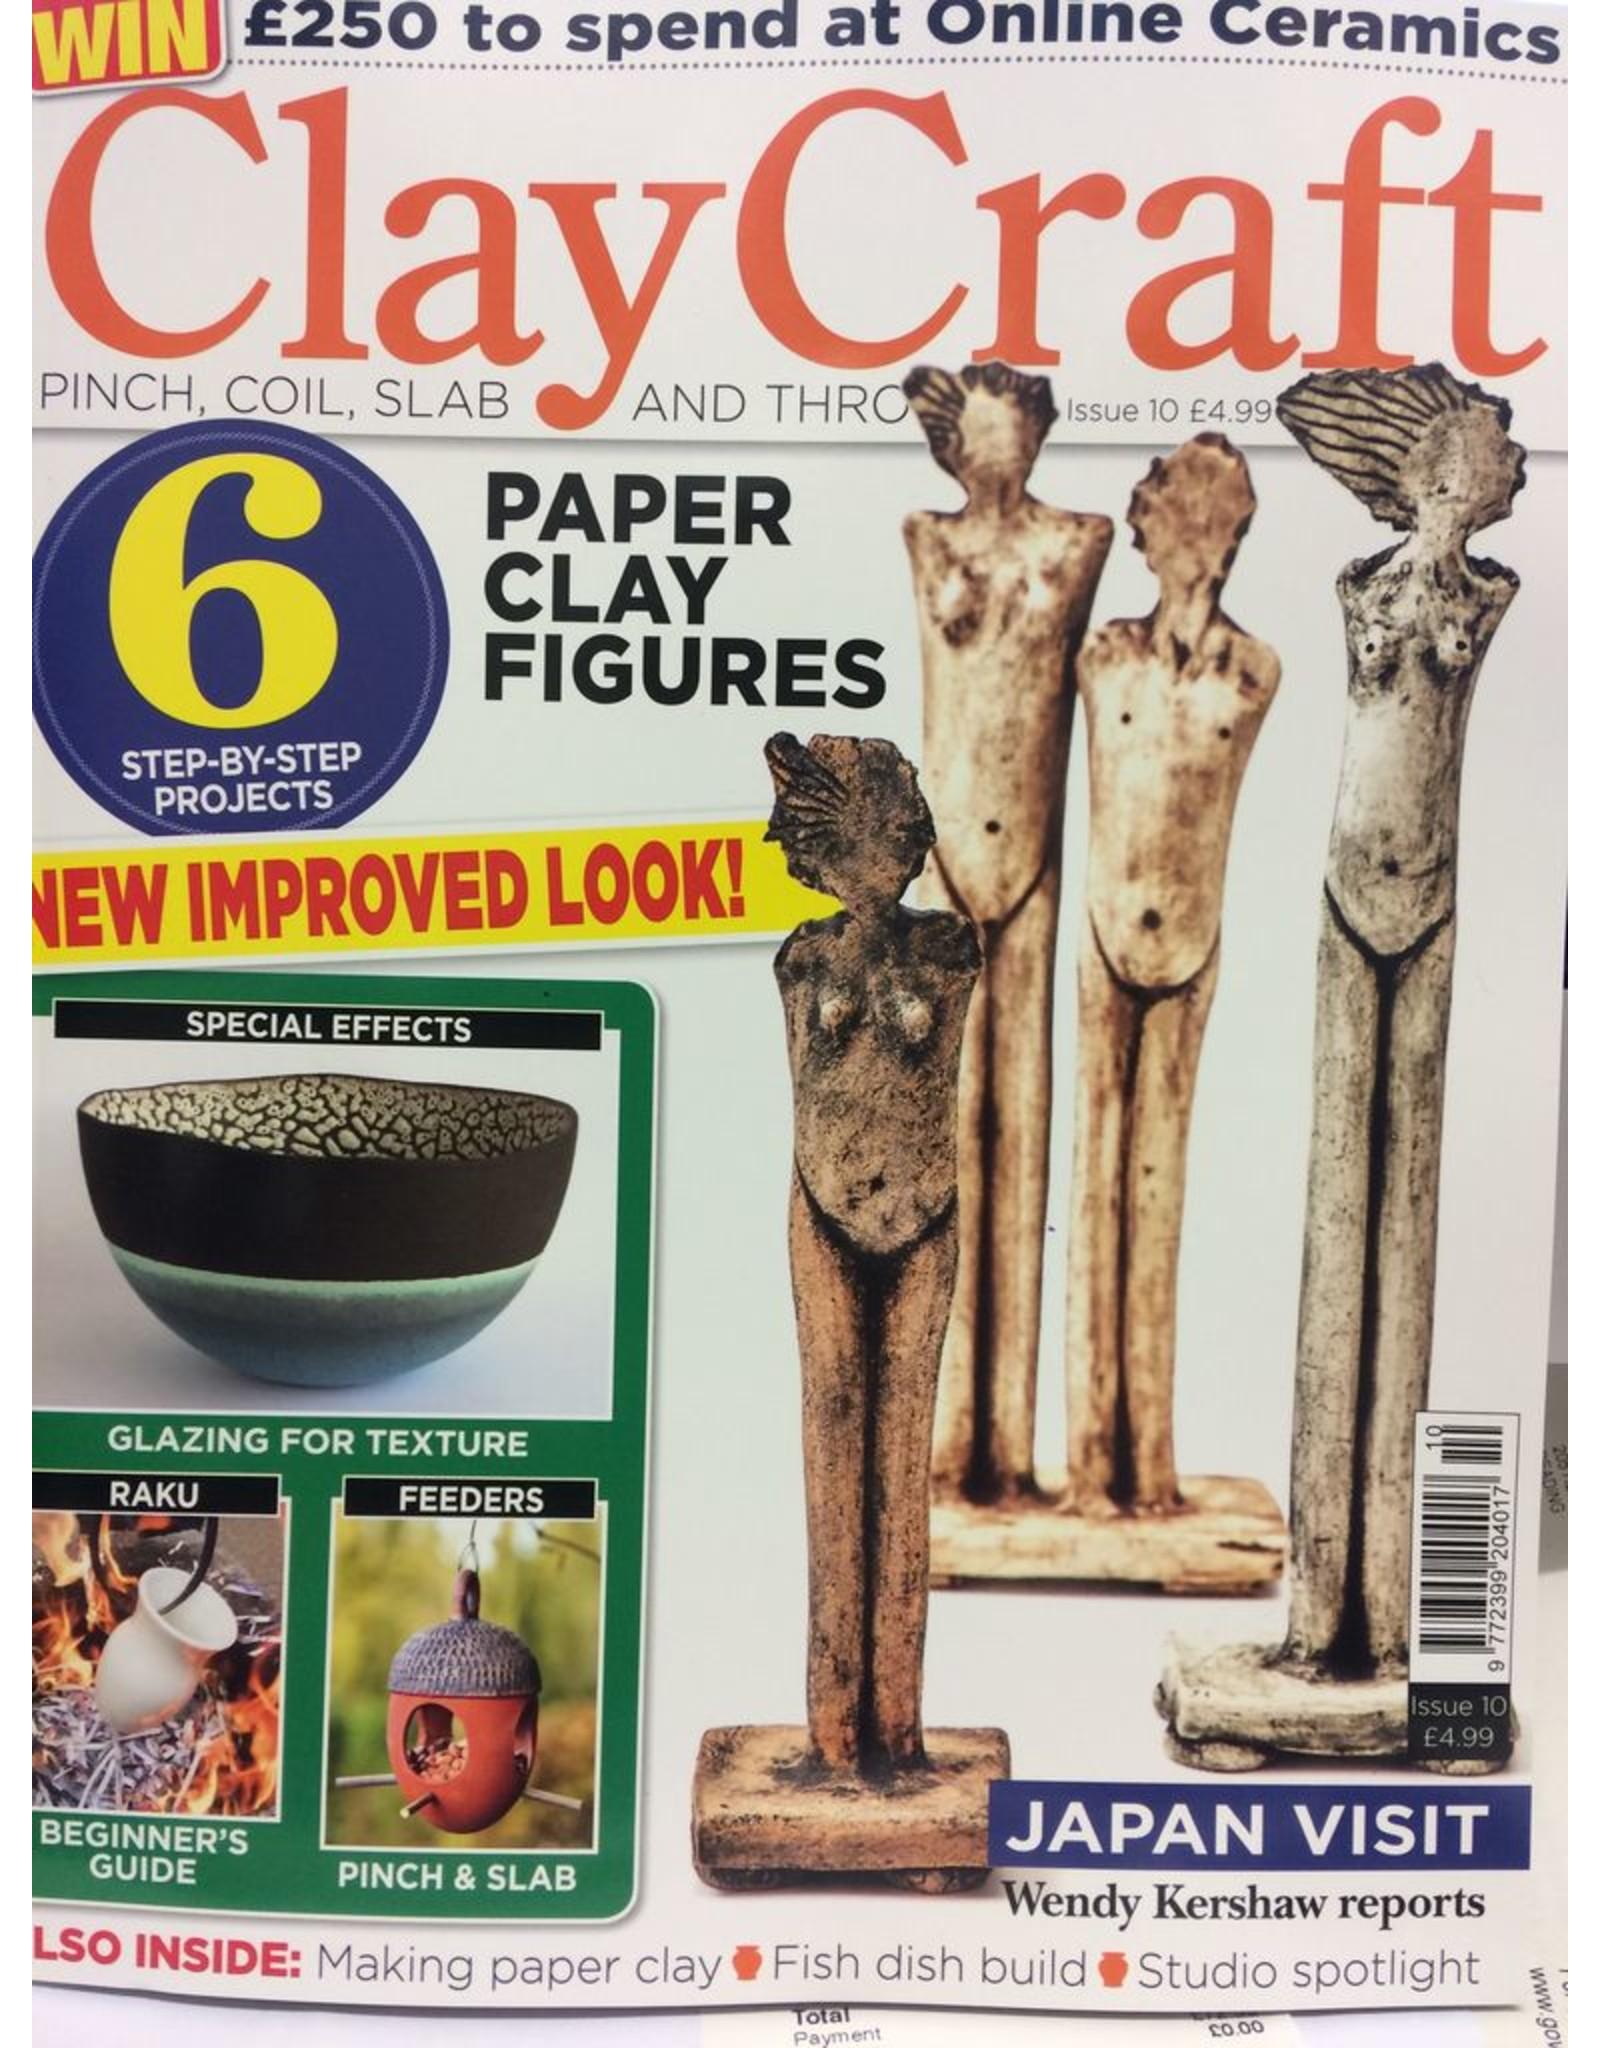 ClayCraft Magazine (up to Issue 22)